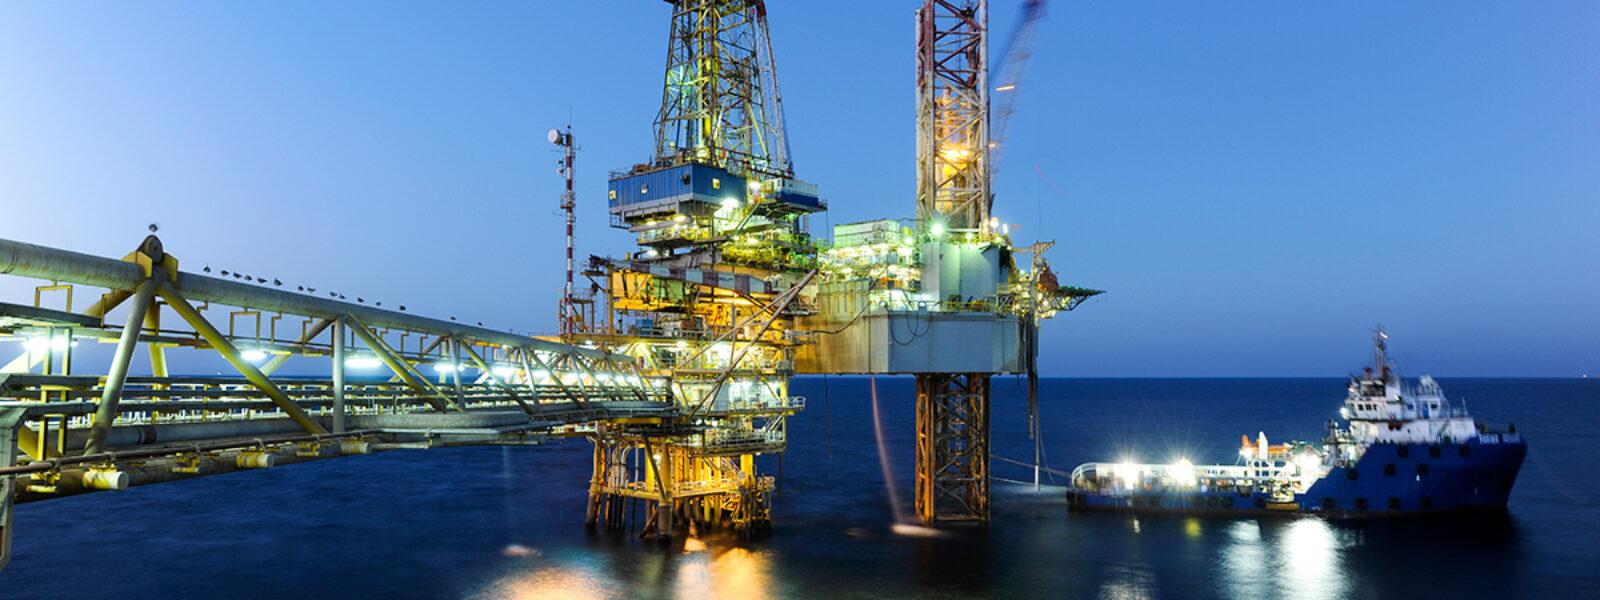 ◉سيستم مديريت كيفيت :ISO 9001 2008 ◉سيستم مديريت زيست محيطي :ISO  14001 : 2004 ◉سيستم مديريت ايمني و بهداشت شغلي :OHSAS 18001 : 2007